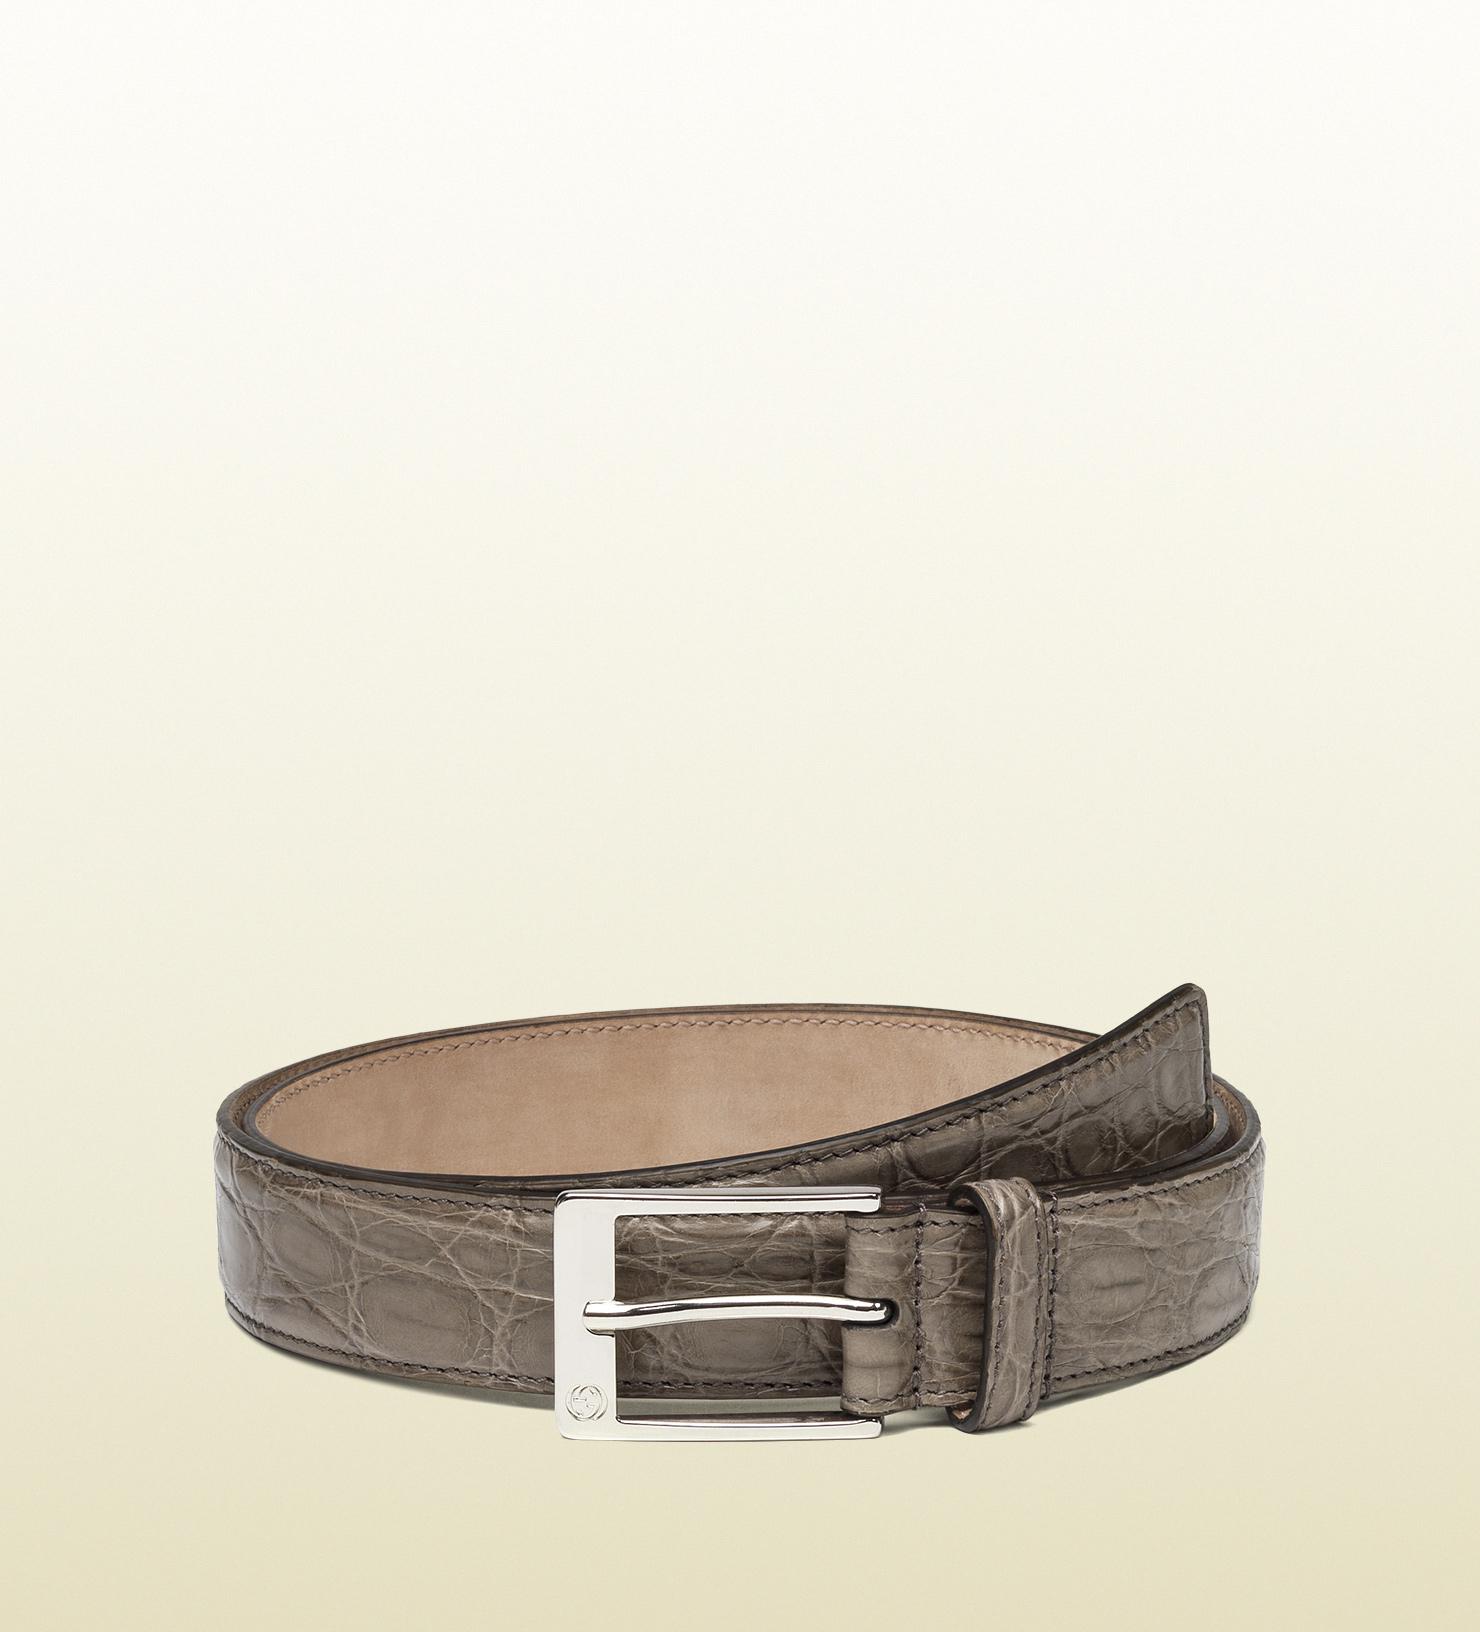 4a2da38f9ad Gucci Crocodile Belt With Square Buckle in Gray for Men - Lyst